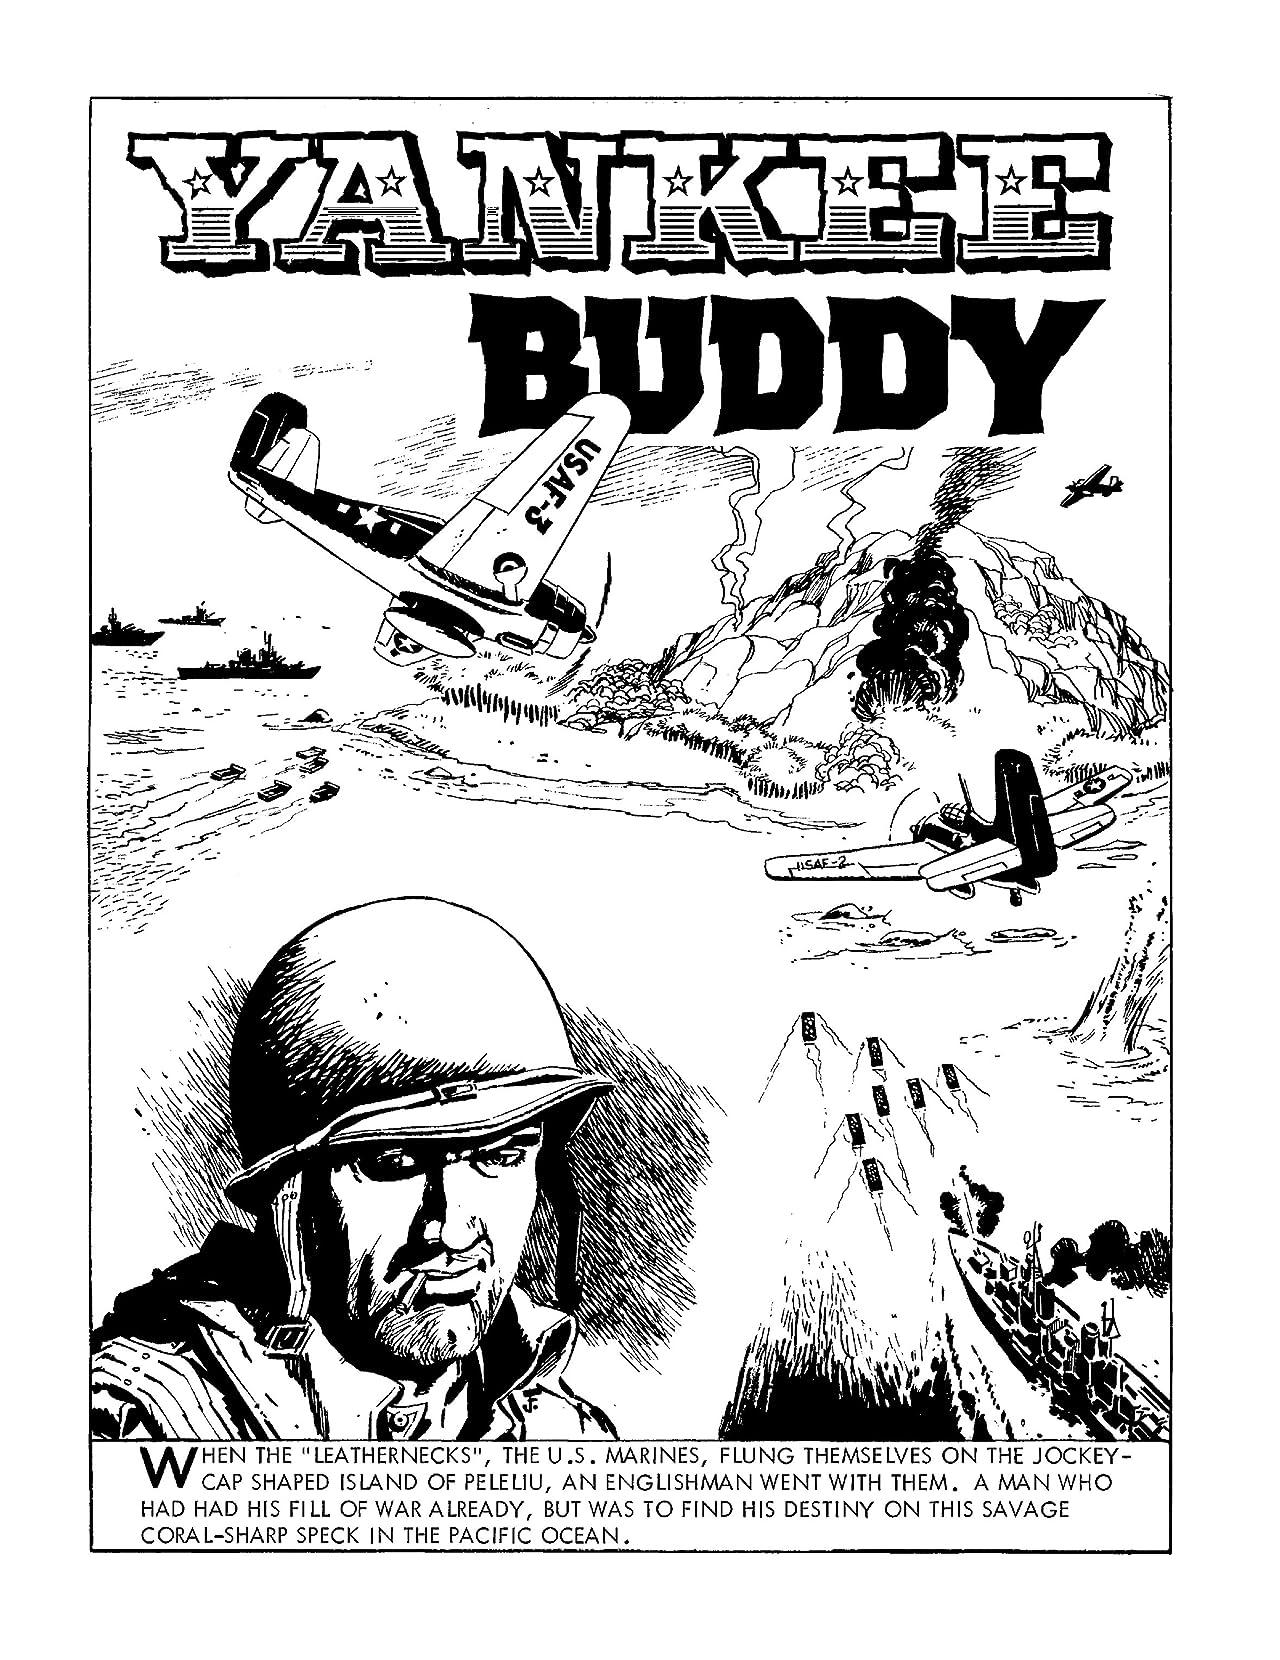 Commando #4964: Yankee Buddy